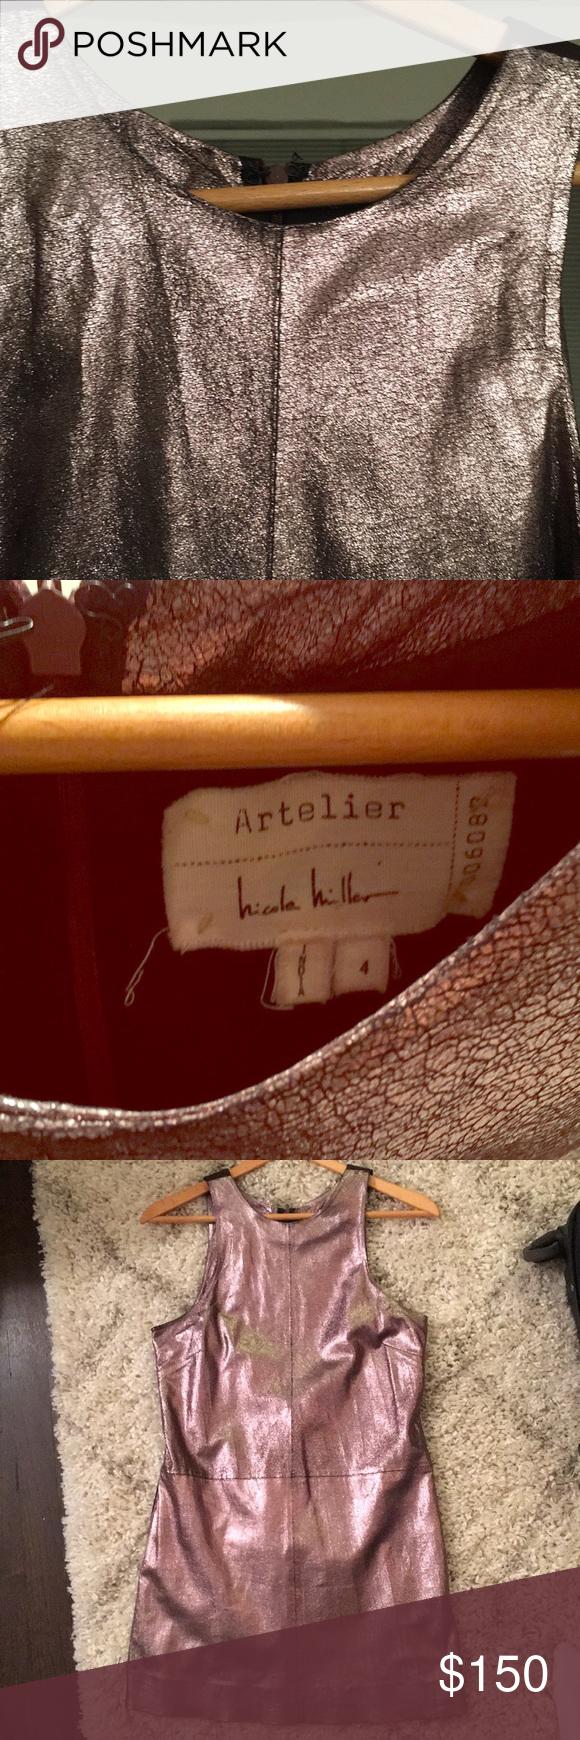 Nicole miller artelier mini leather dress nicole miller gold